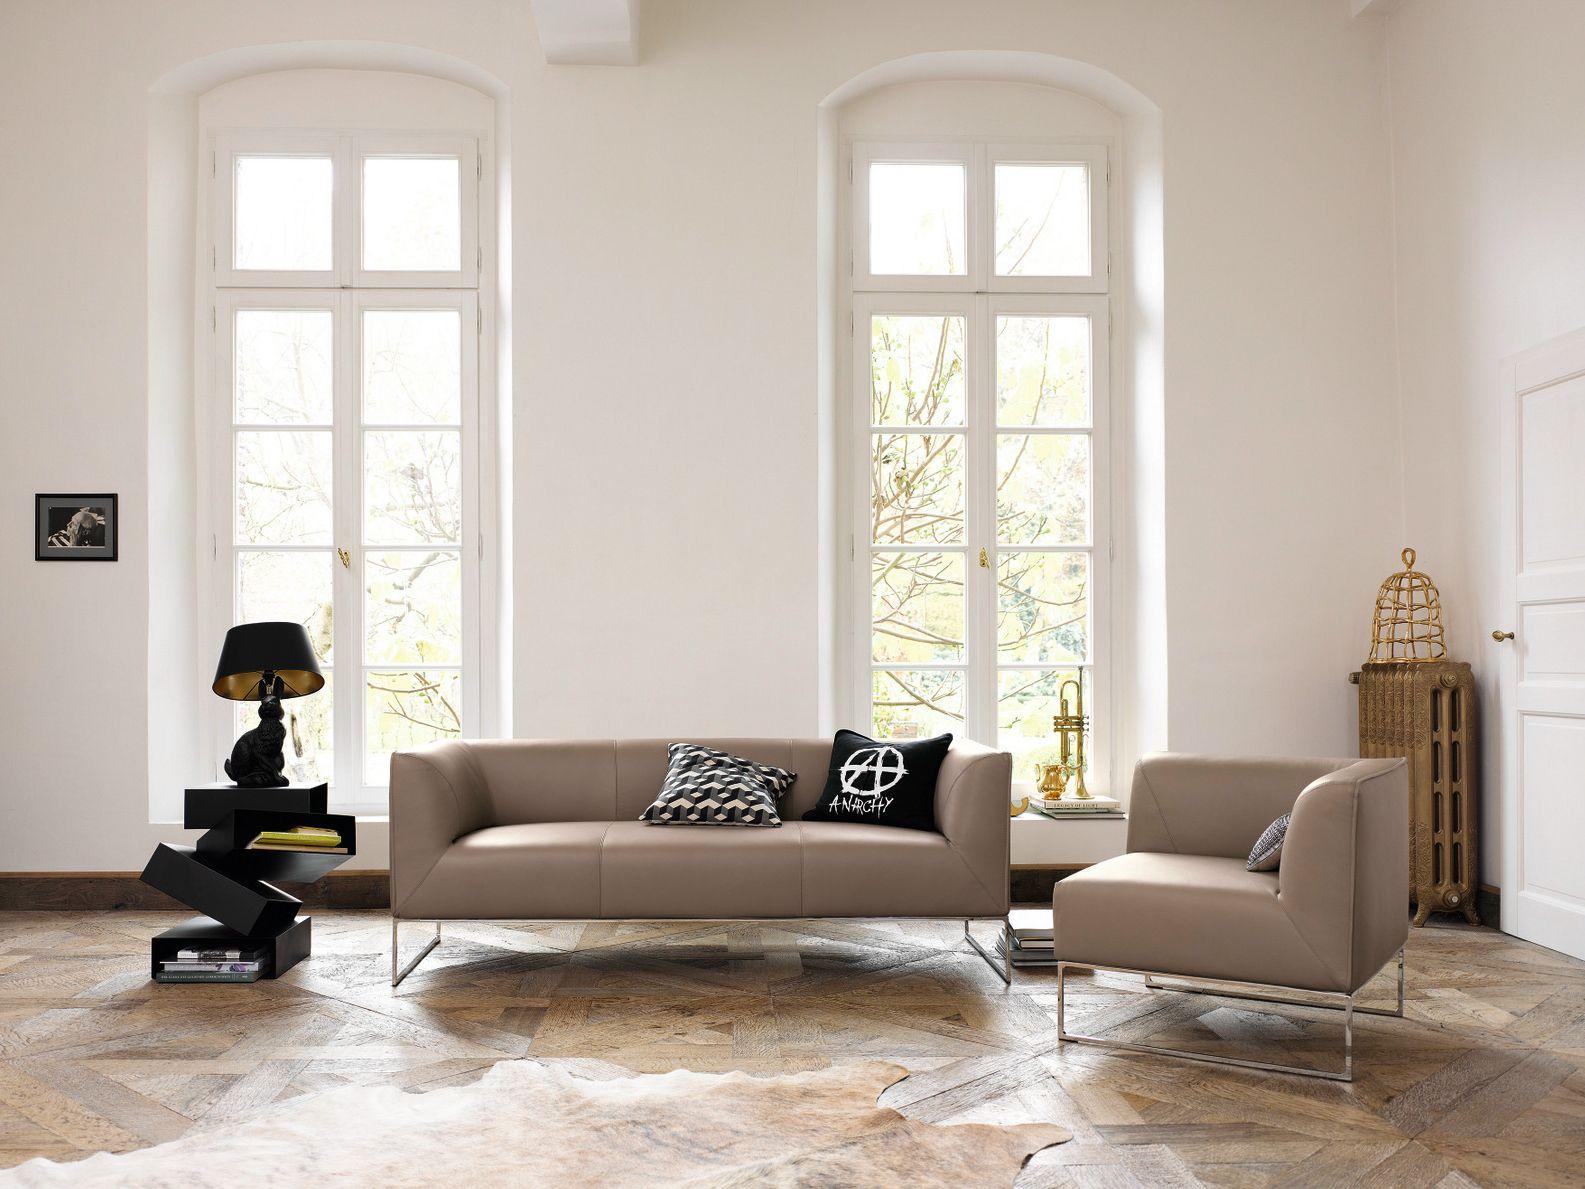 Ein Neues Sofa Steht An? Stöbern Sie Hier In Den Neuesten Modellen, Die Wir  Für Sie Ausgesucht Haben.